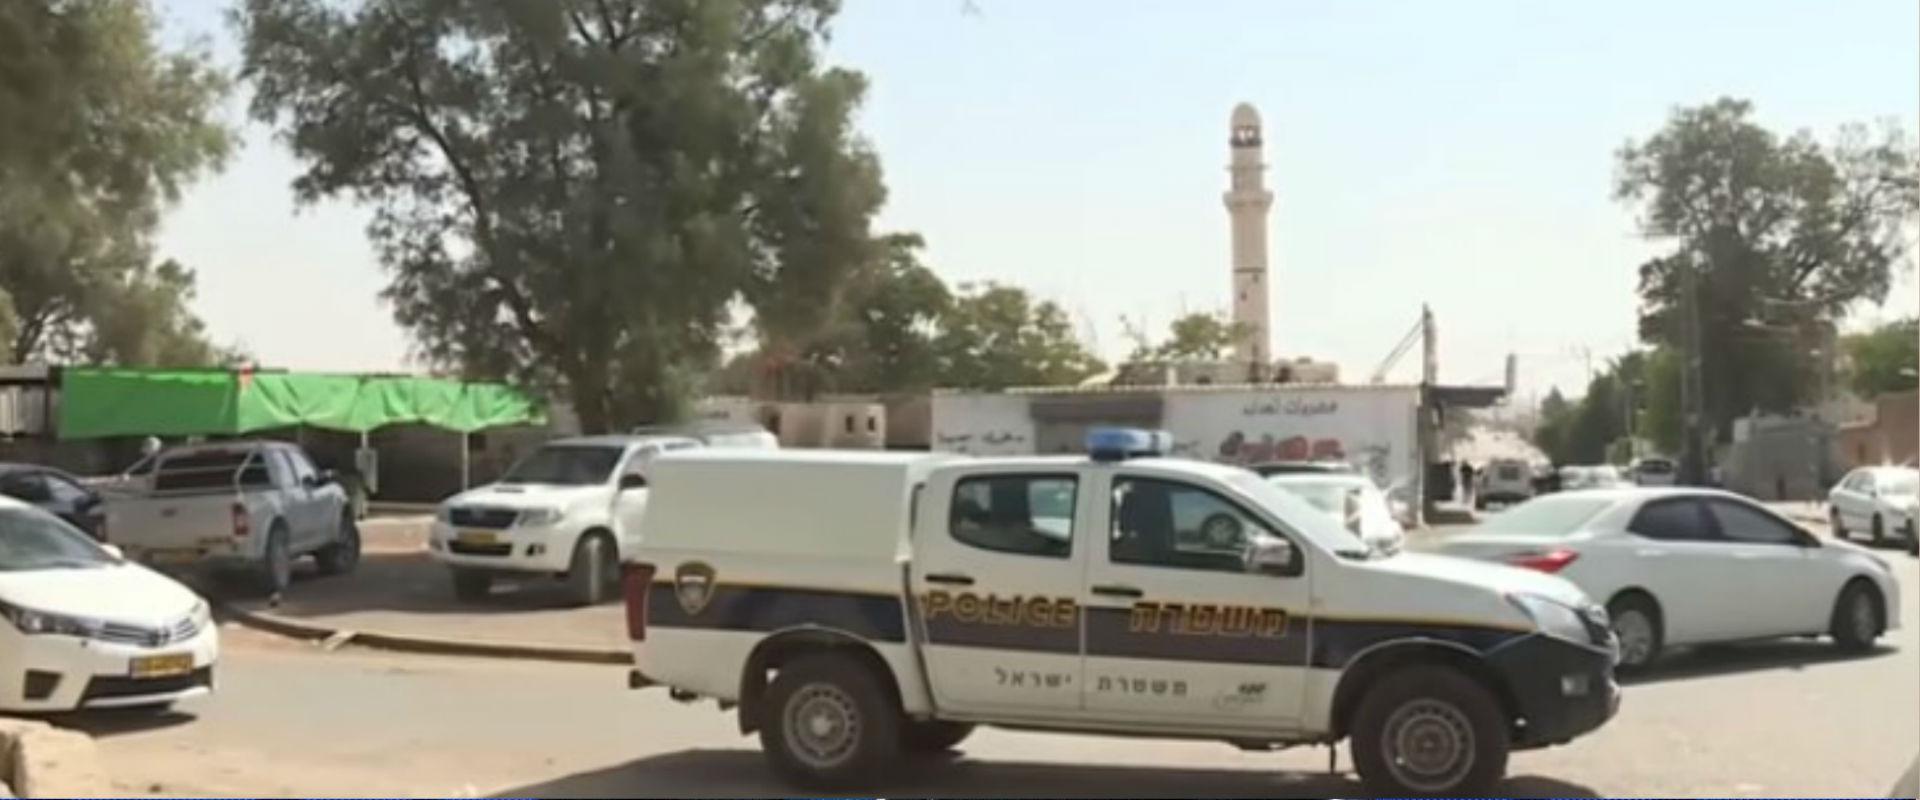 משטרה באזור הקטטה בתל שבע